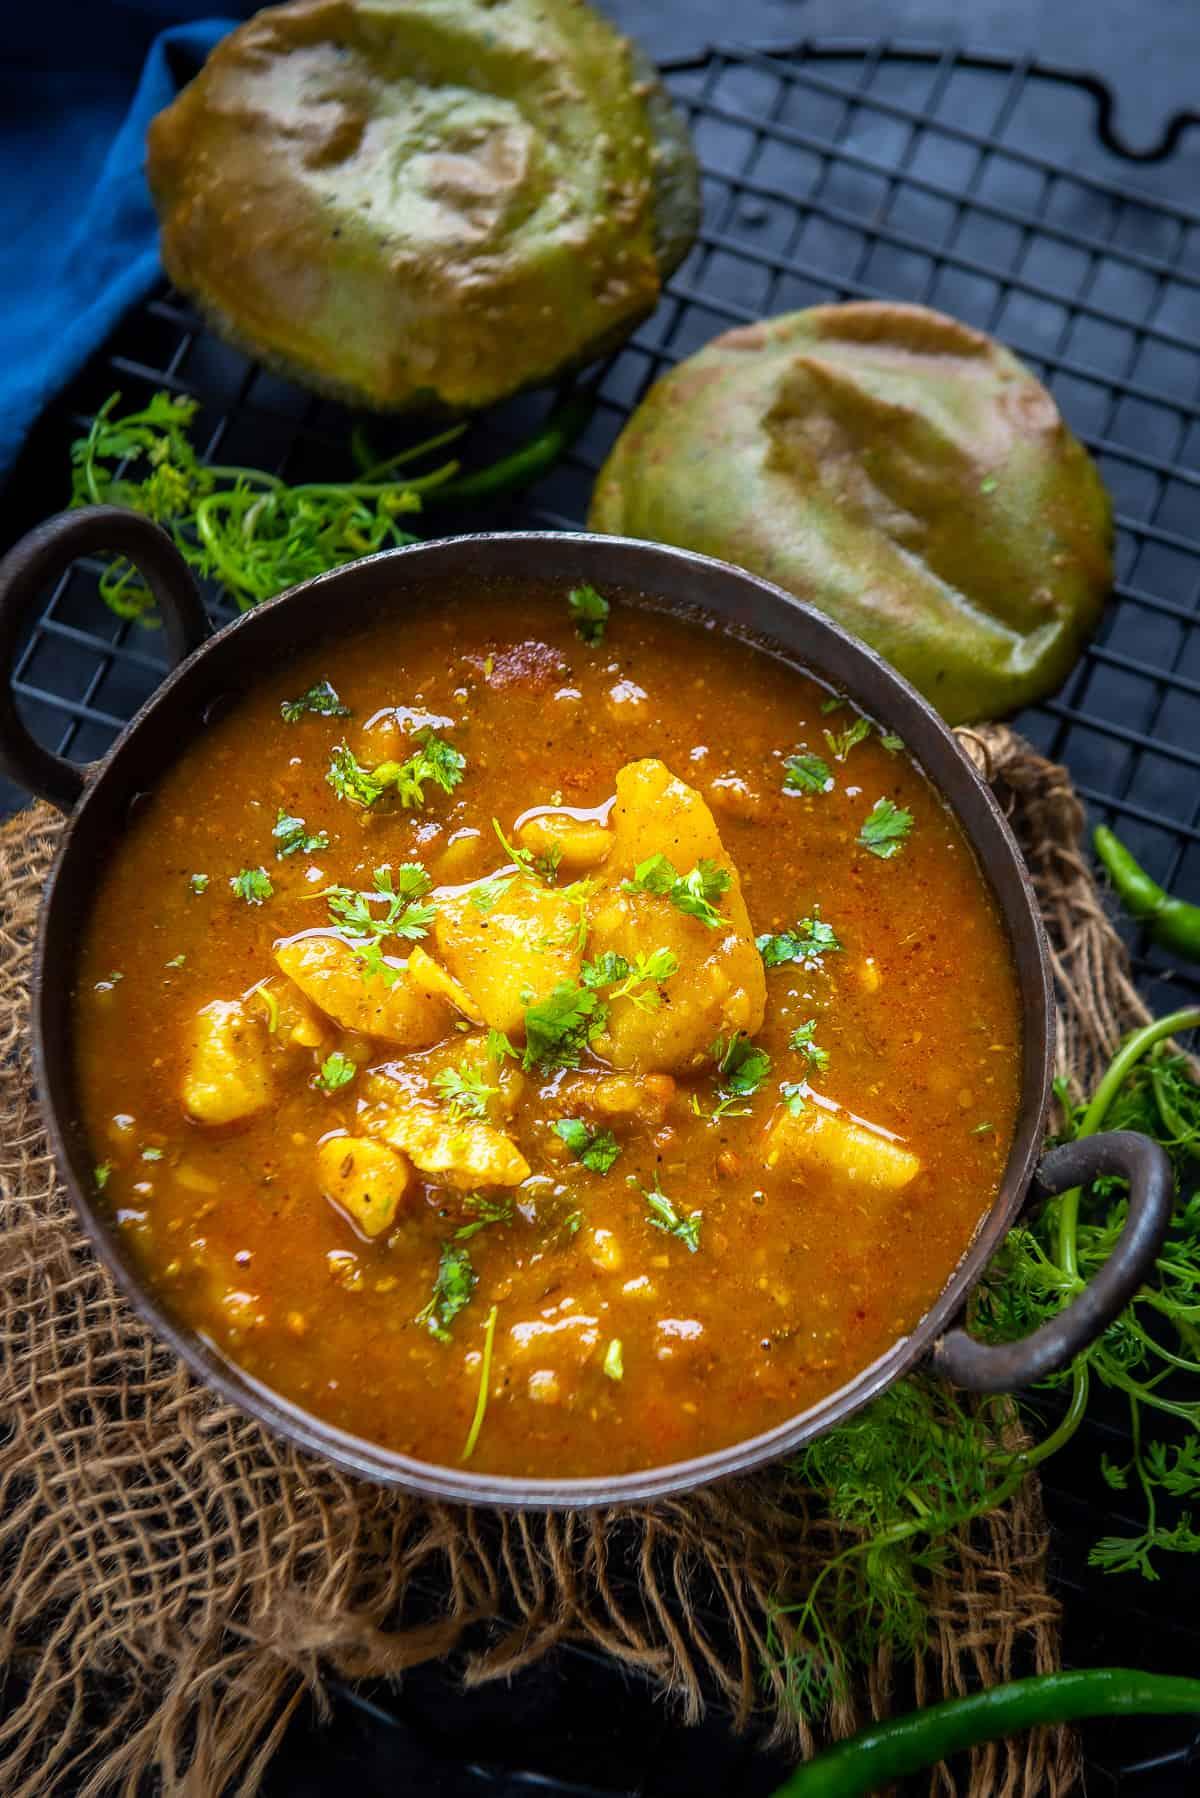 Bhandare wale aloo ki sabji served in a bowl.